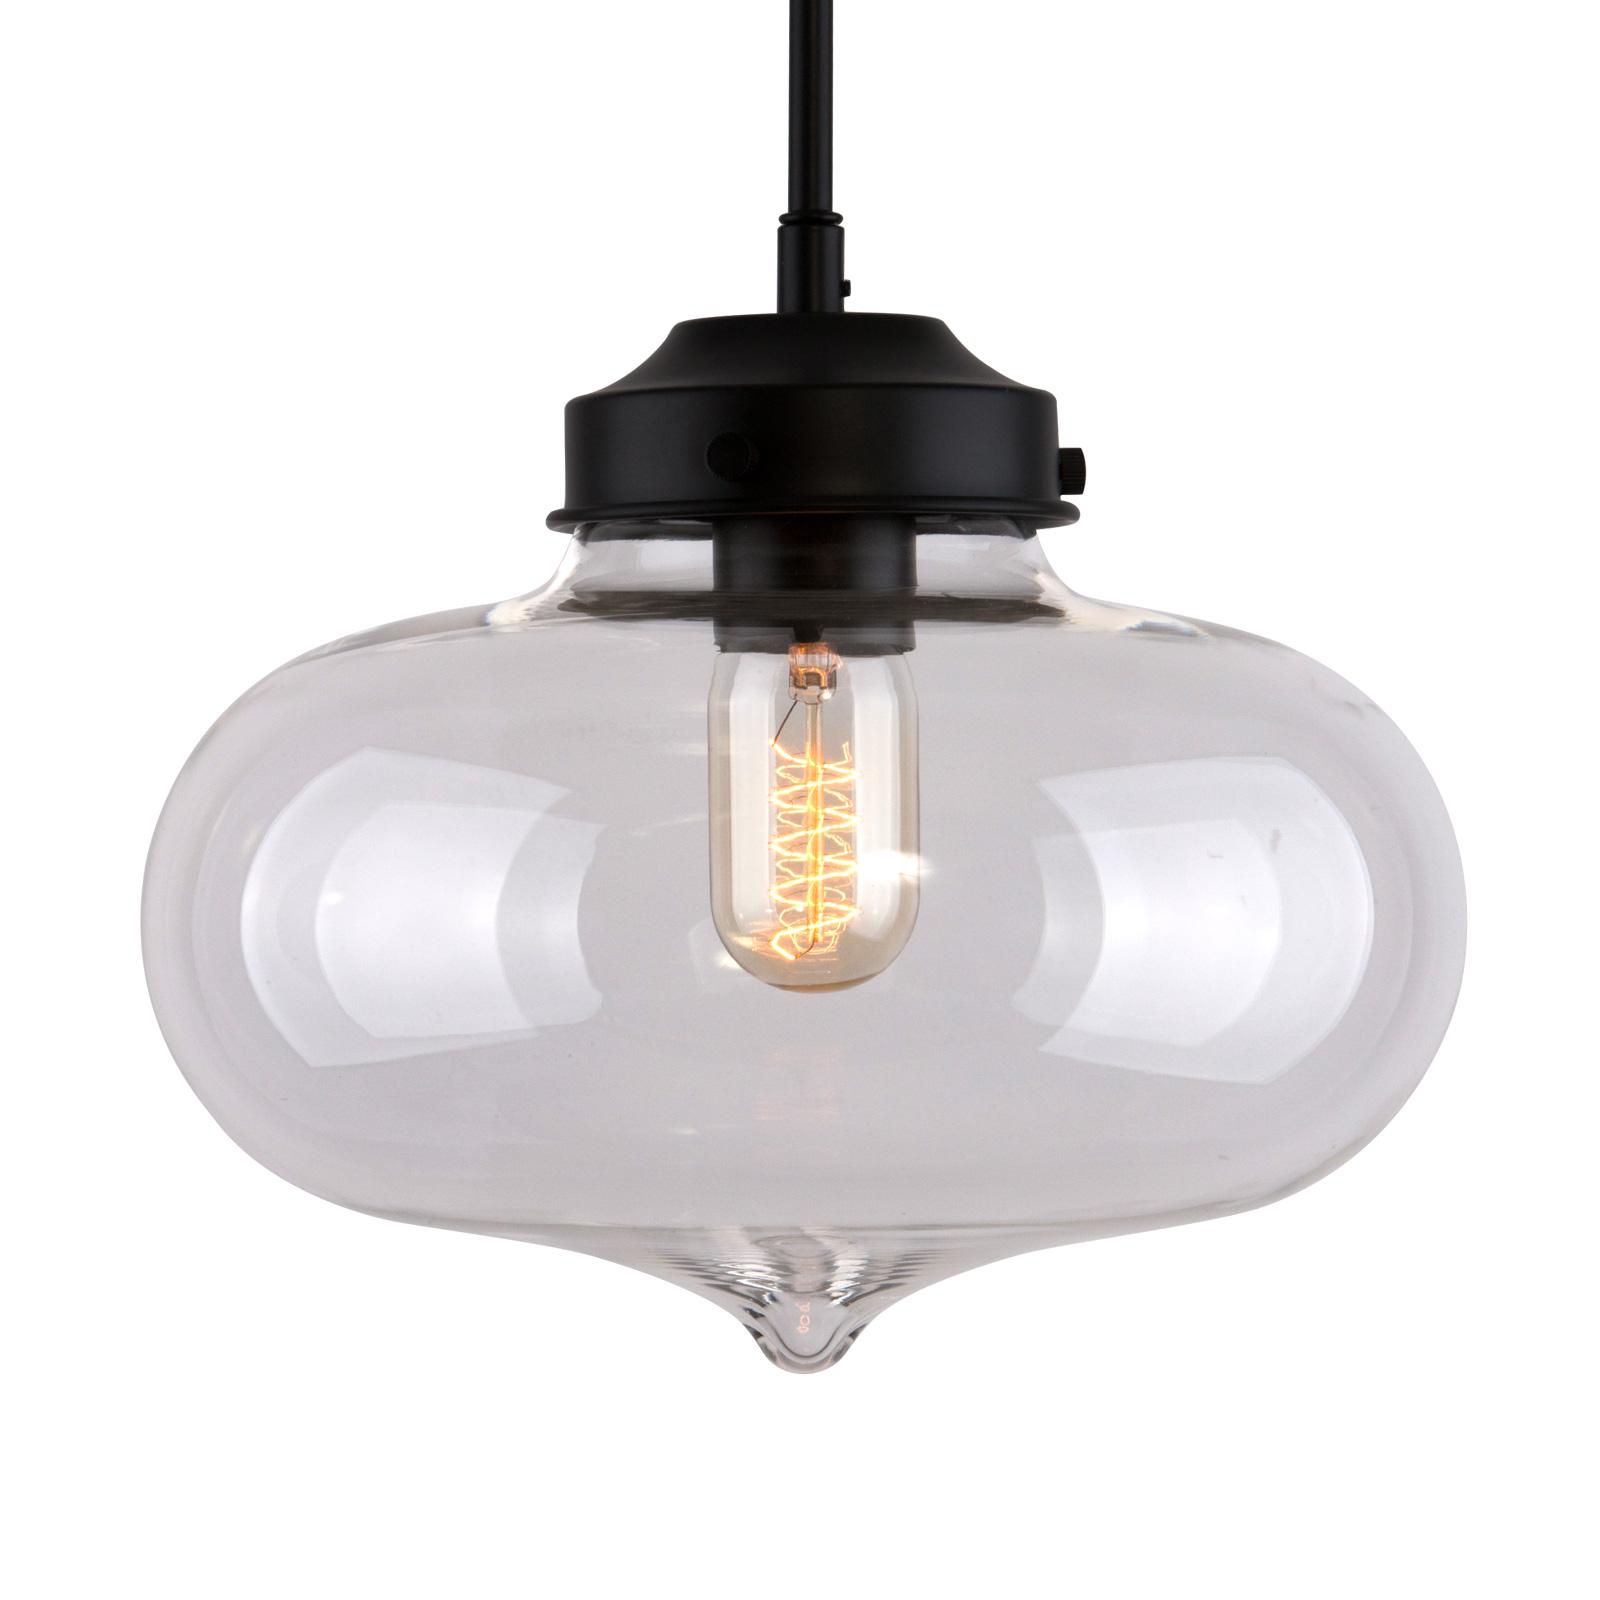 Lampa wisząca LA005 E27 szklany klosz serce